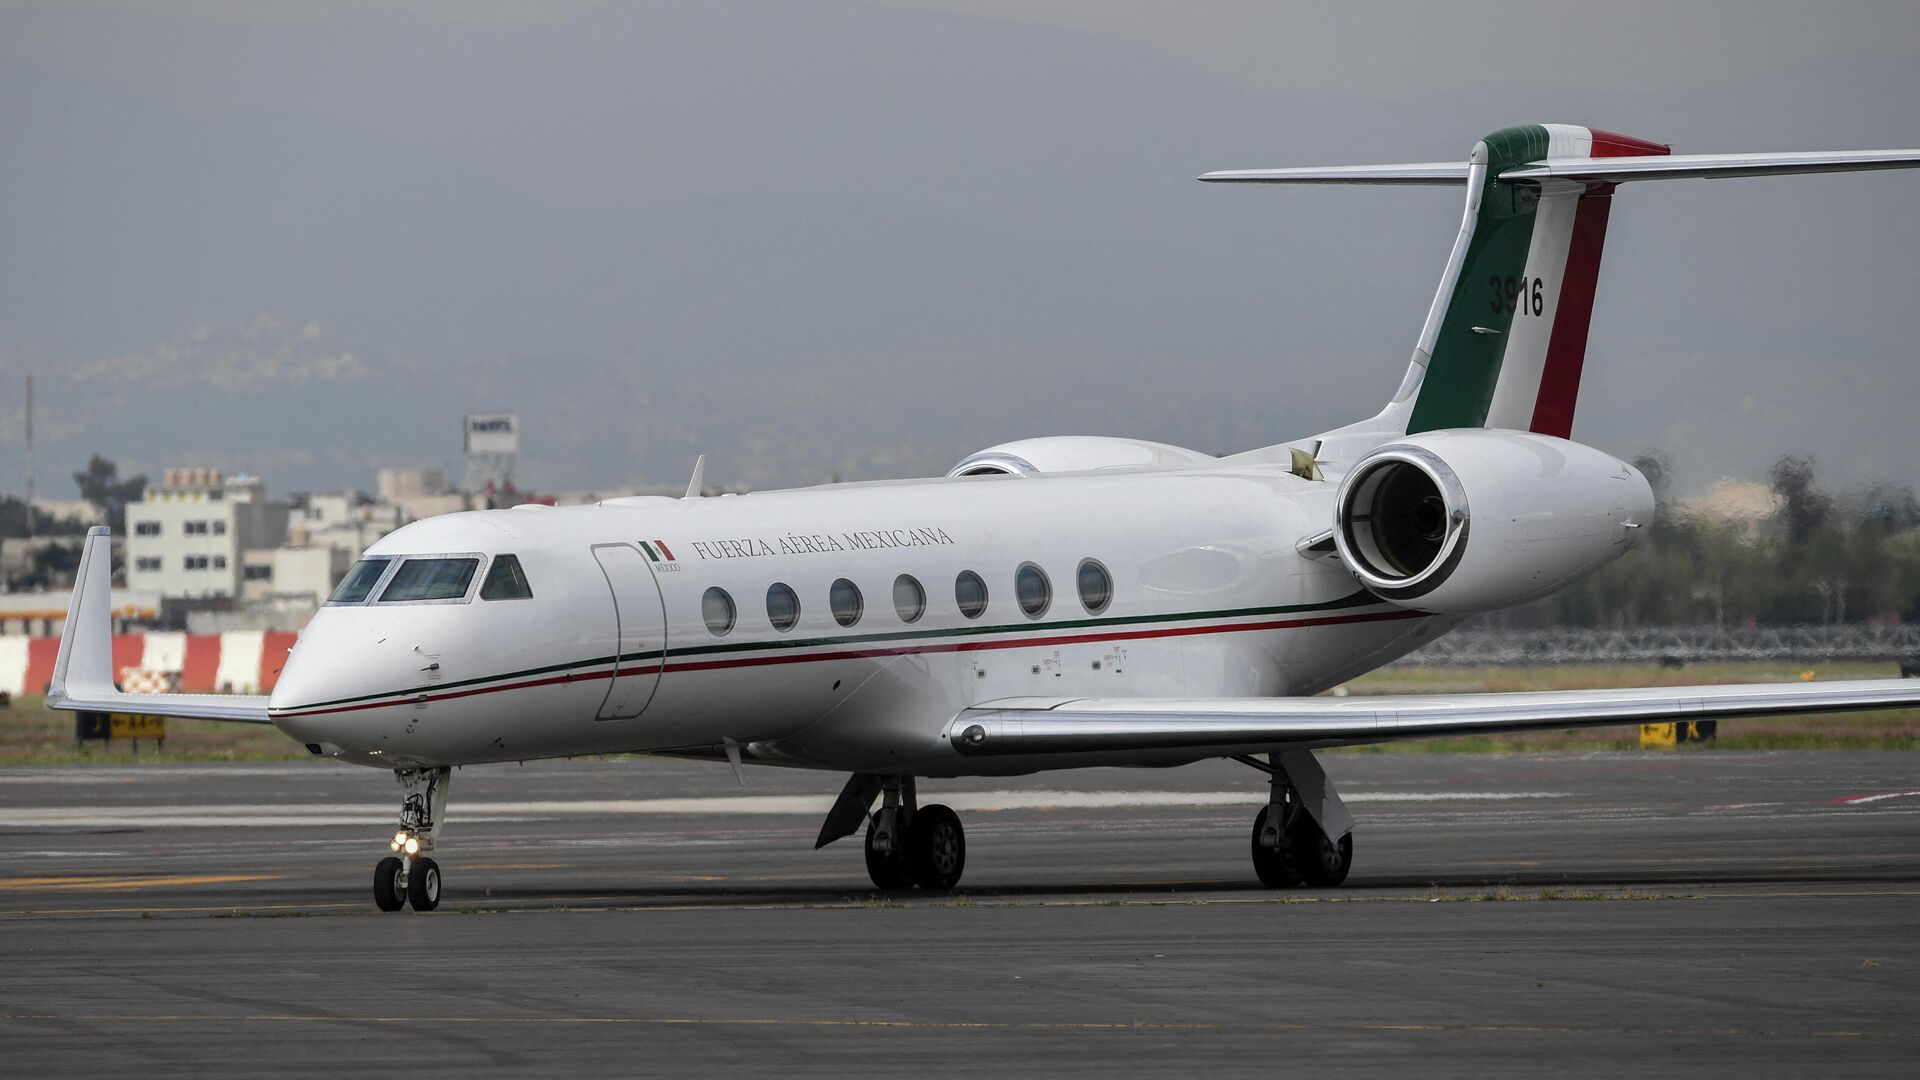 El avión de la Fuerza Aérea Mexicana que sacó a Evo Morales de Bolivia en 2019 - Sputnik Mundo, 1920, 01.09.2021